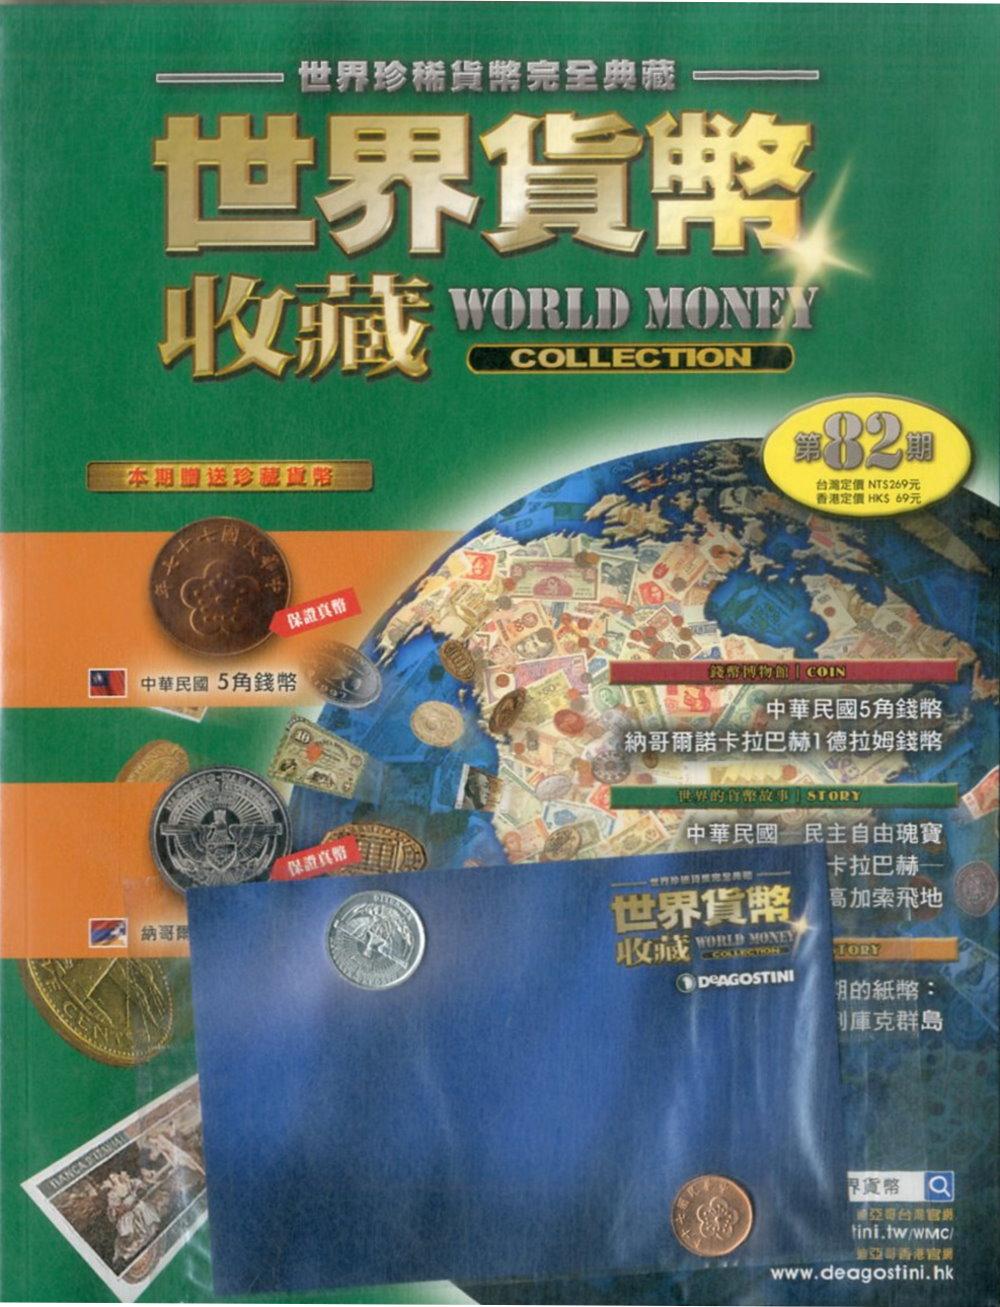 世界貨幣收藏 2018/4/10 第82期